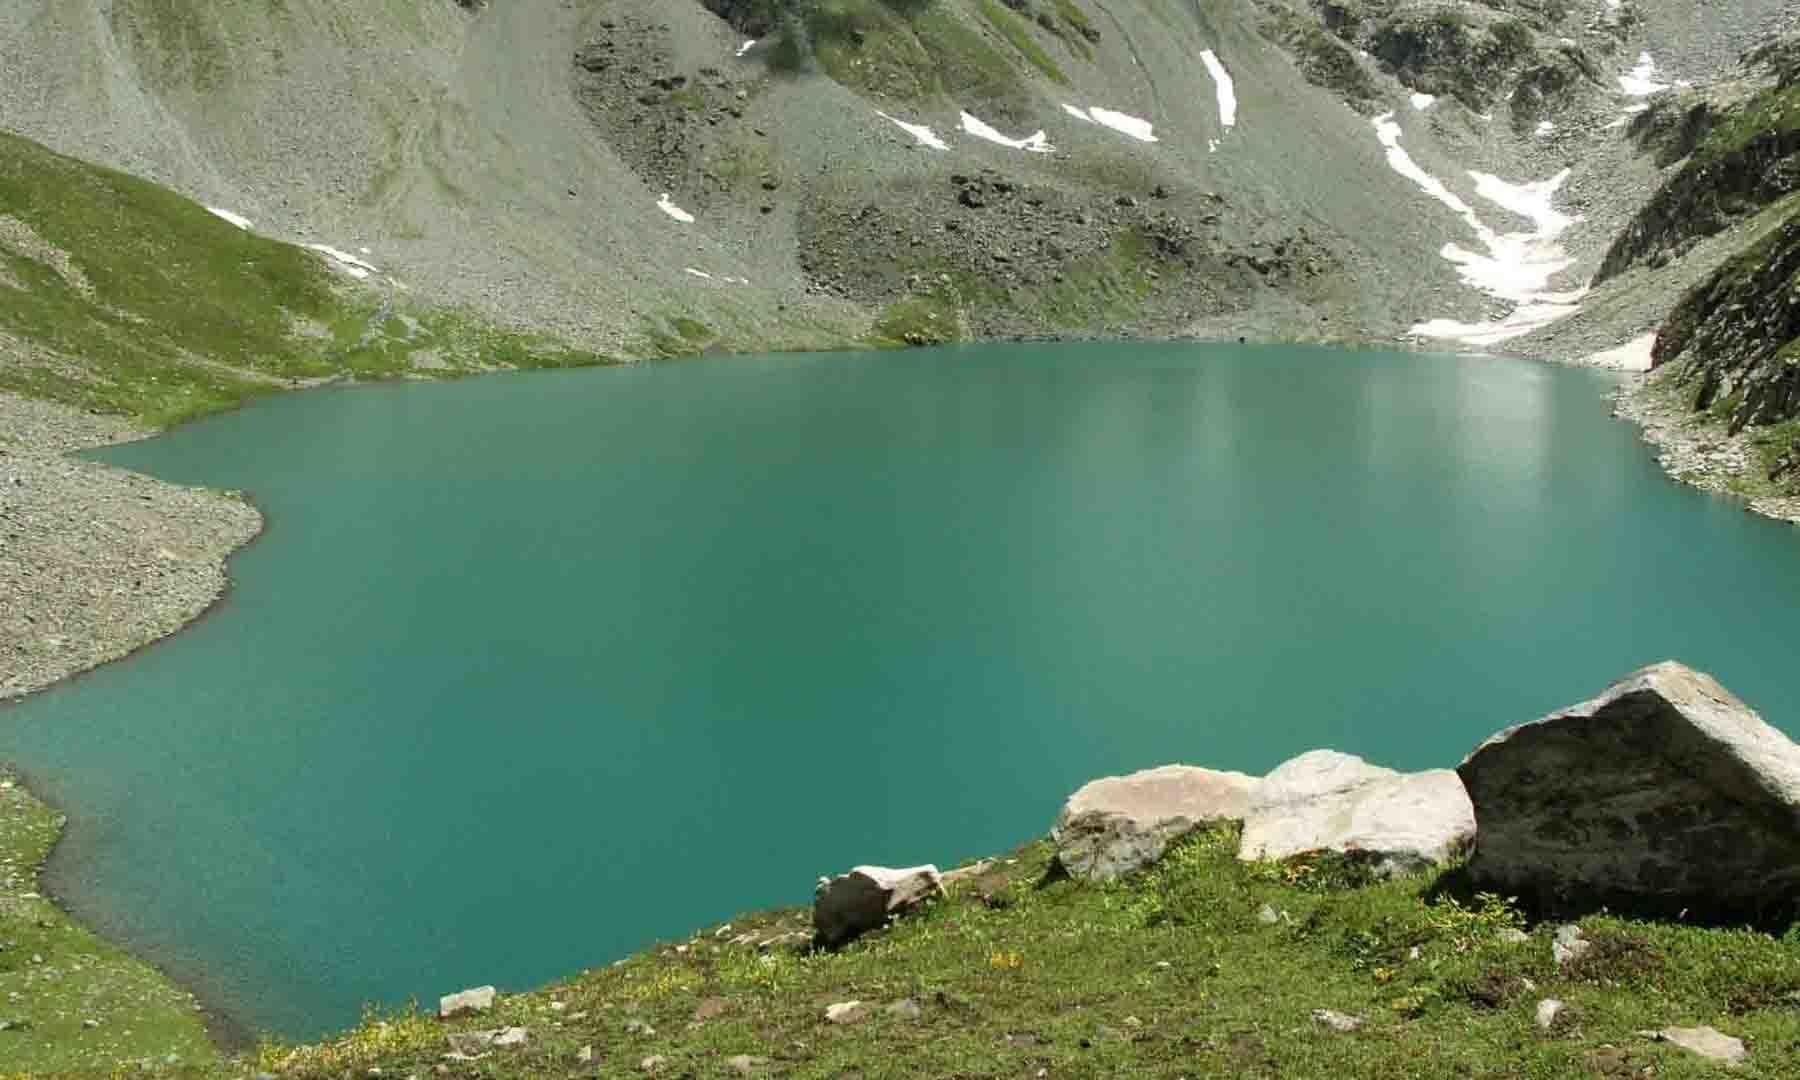 مستیج جھیل کی ایک اور زاویہ سے لی جانے والی تصویر